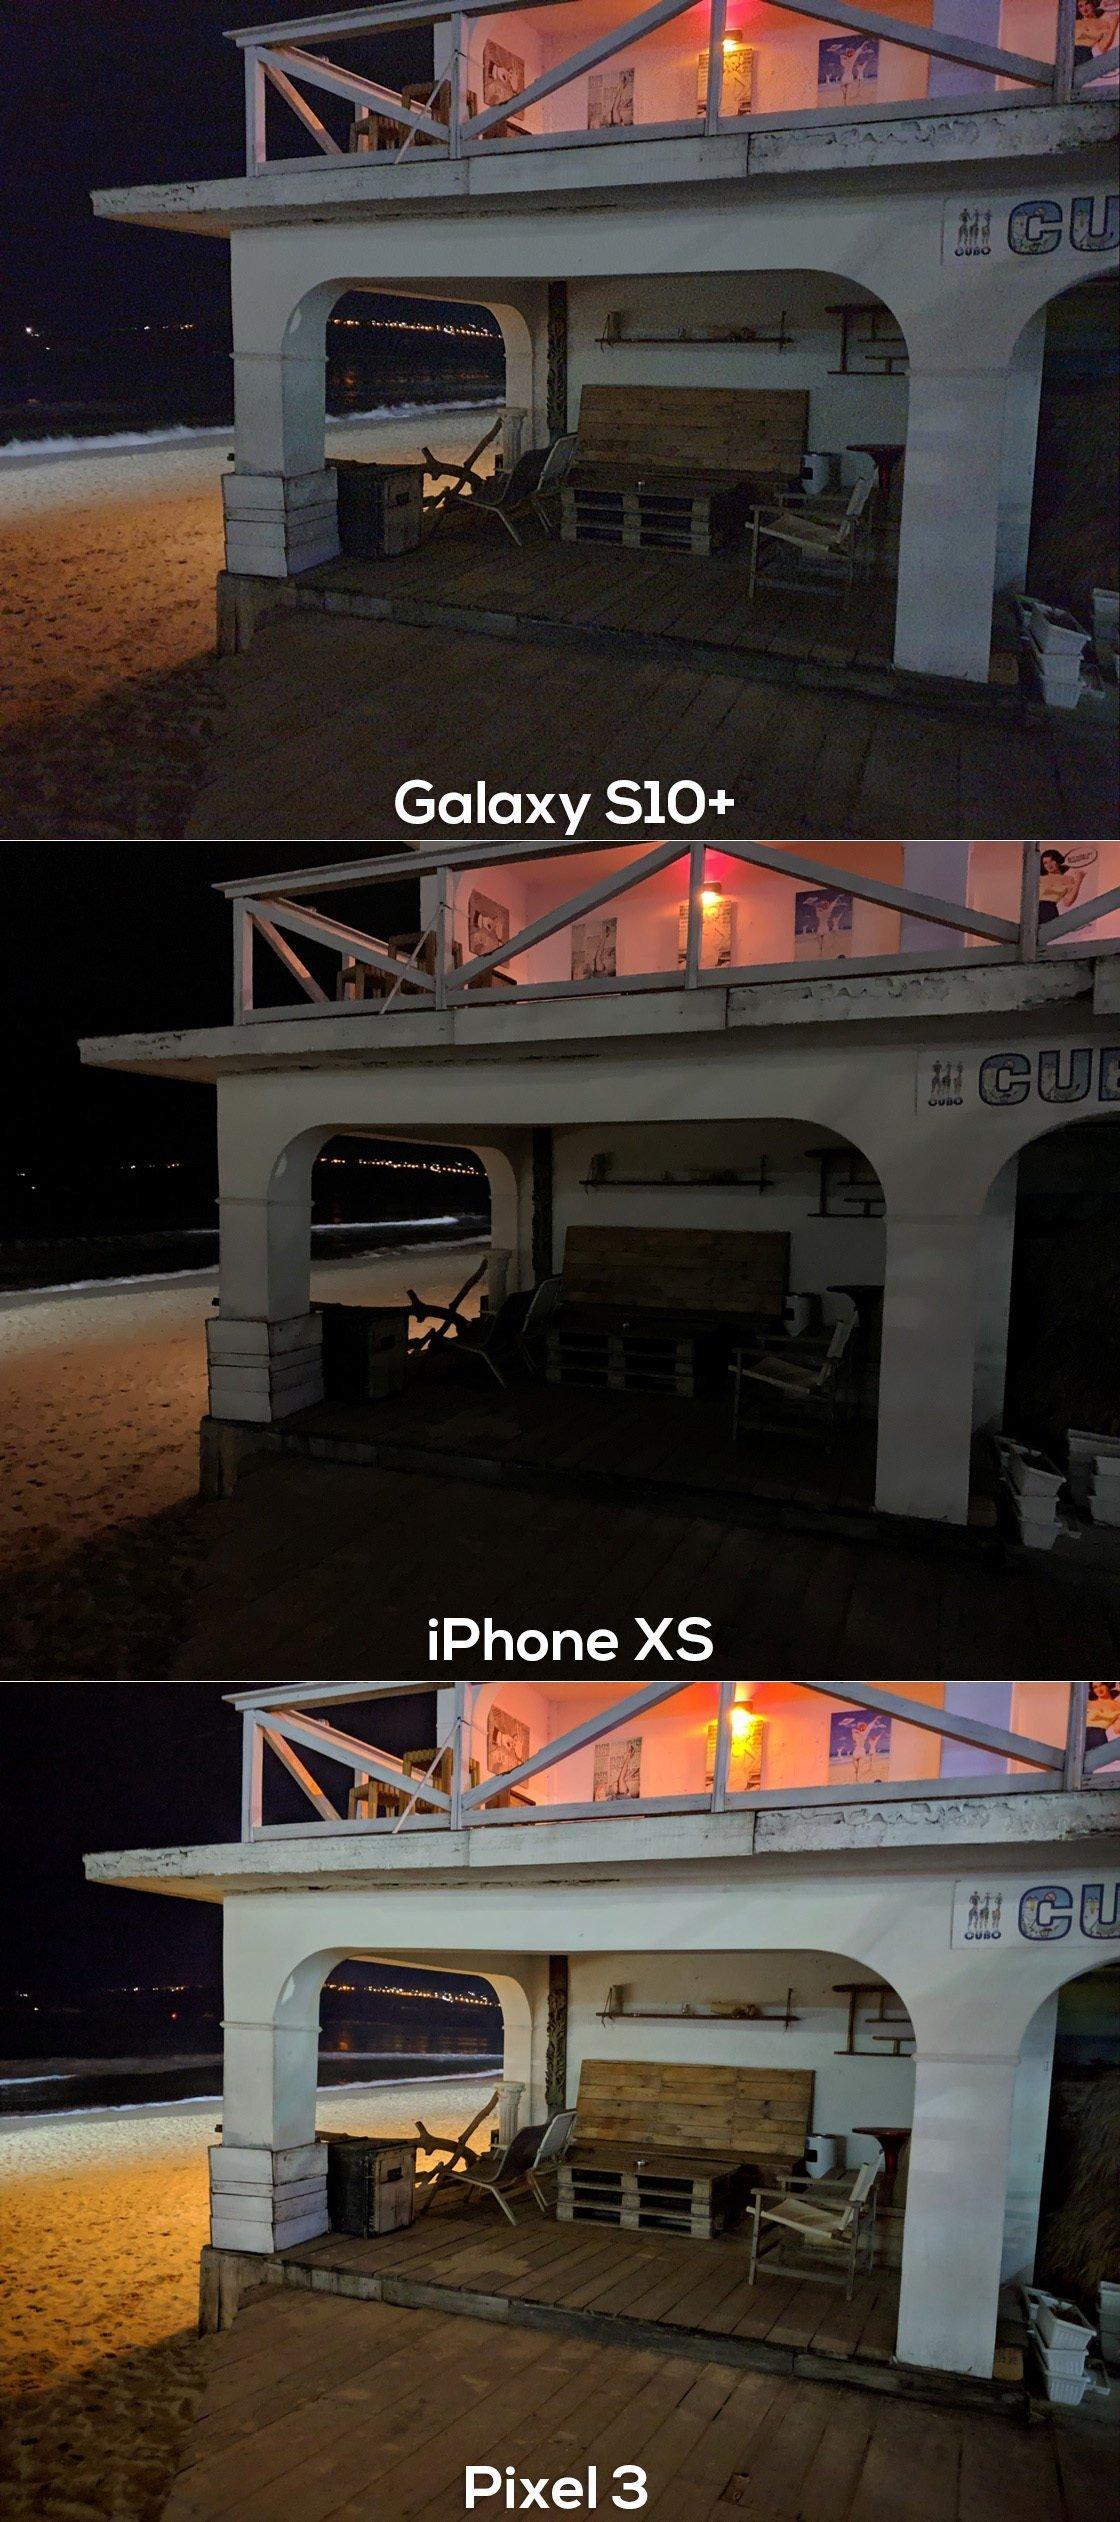 كاميرات هواتف جالكسي اس 10 بلس و ايفون اكس اس و بيكسل 3